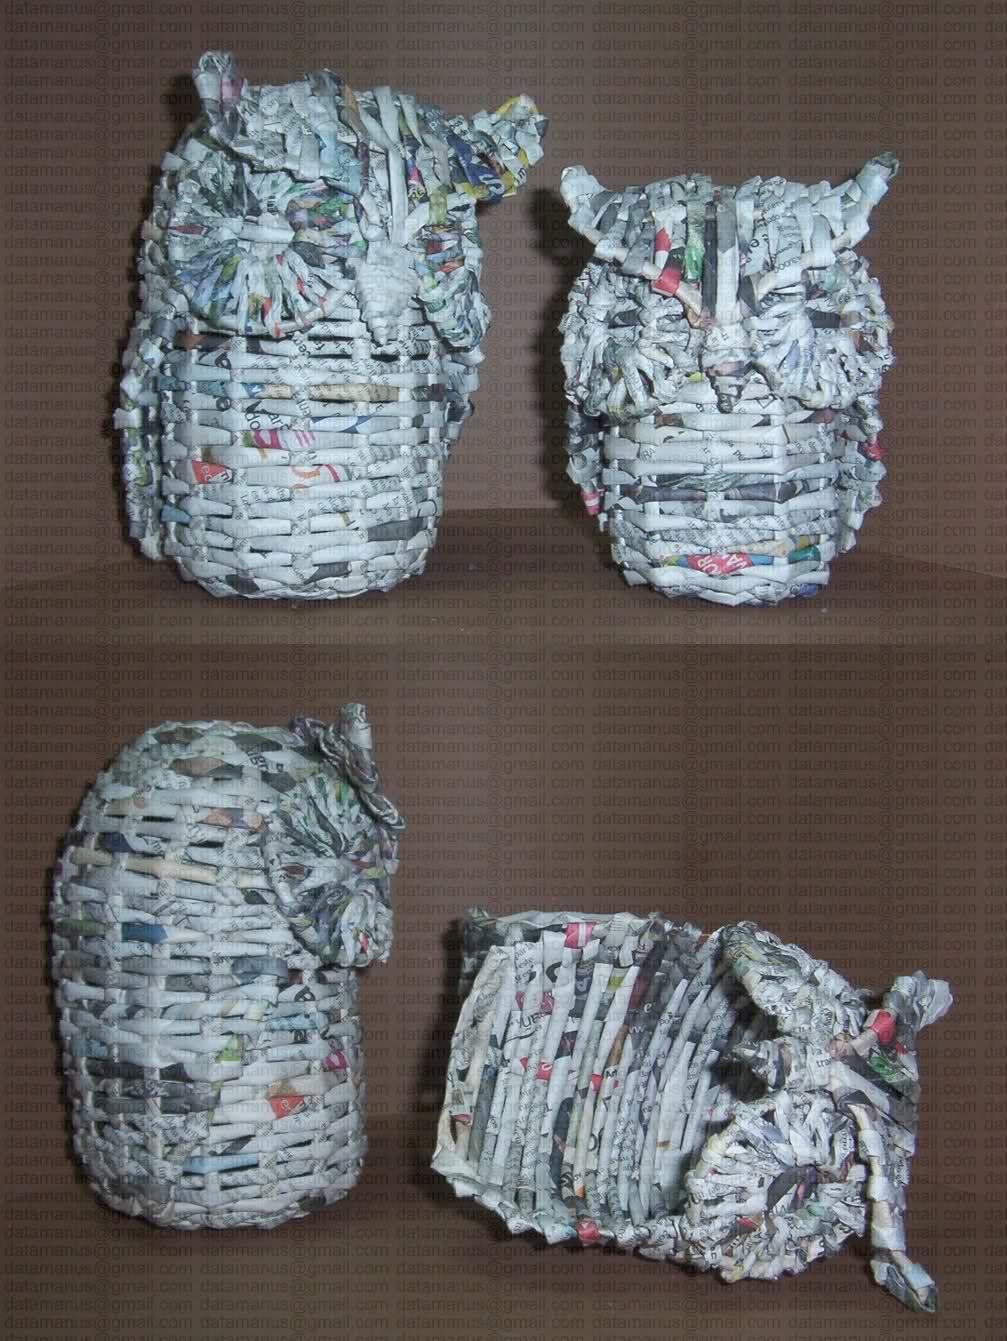 Cester a en papel de peri dico cester a china aprender - Manualidades con papel periodico ...